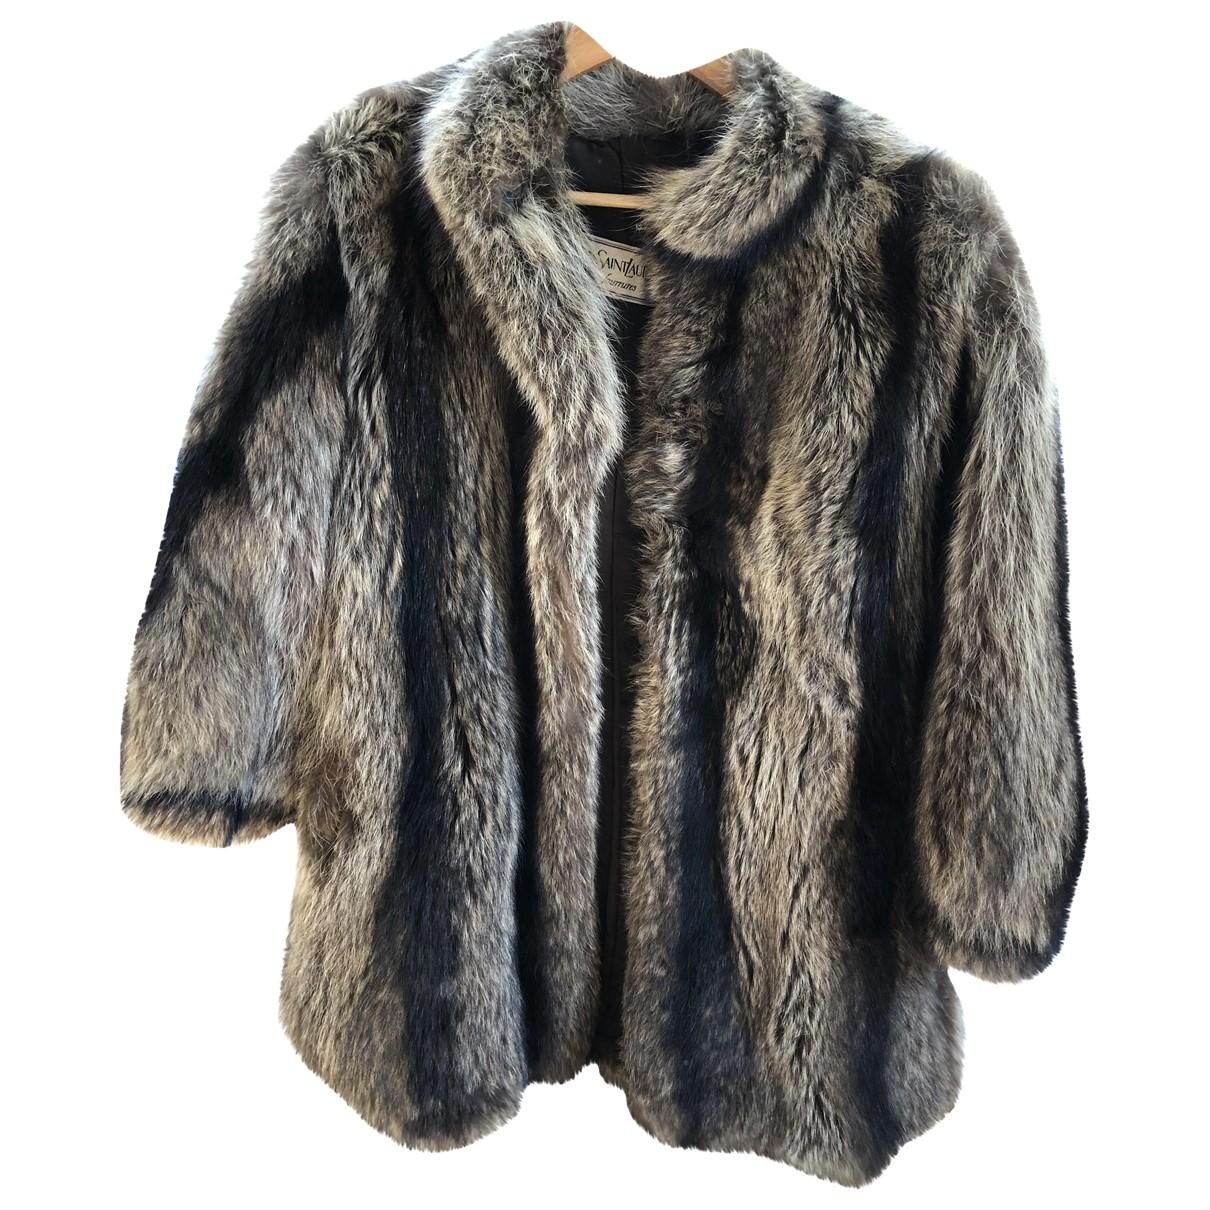 Yves Saint Laurent \N Fur coat for Women 40 FR